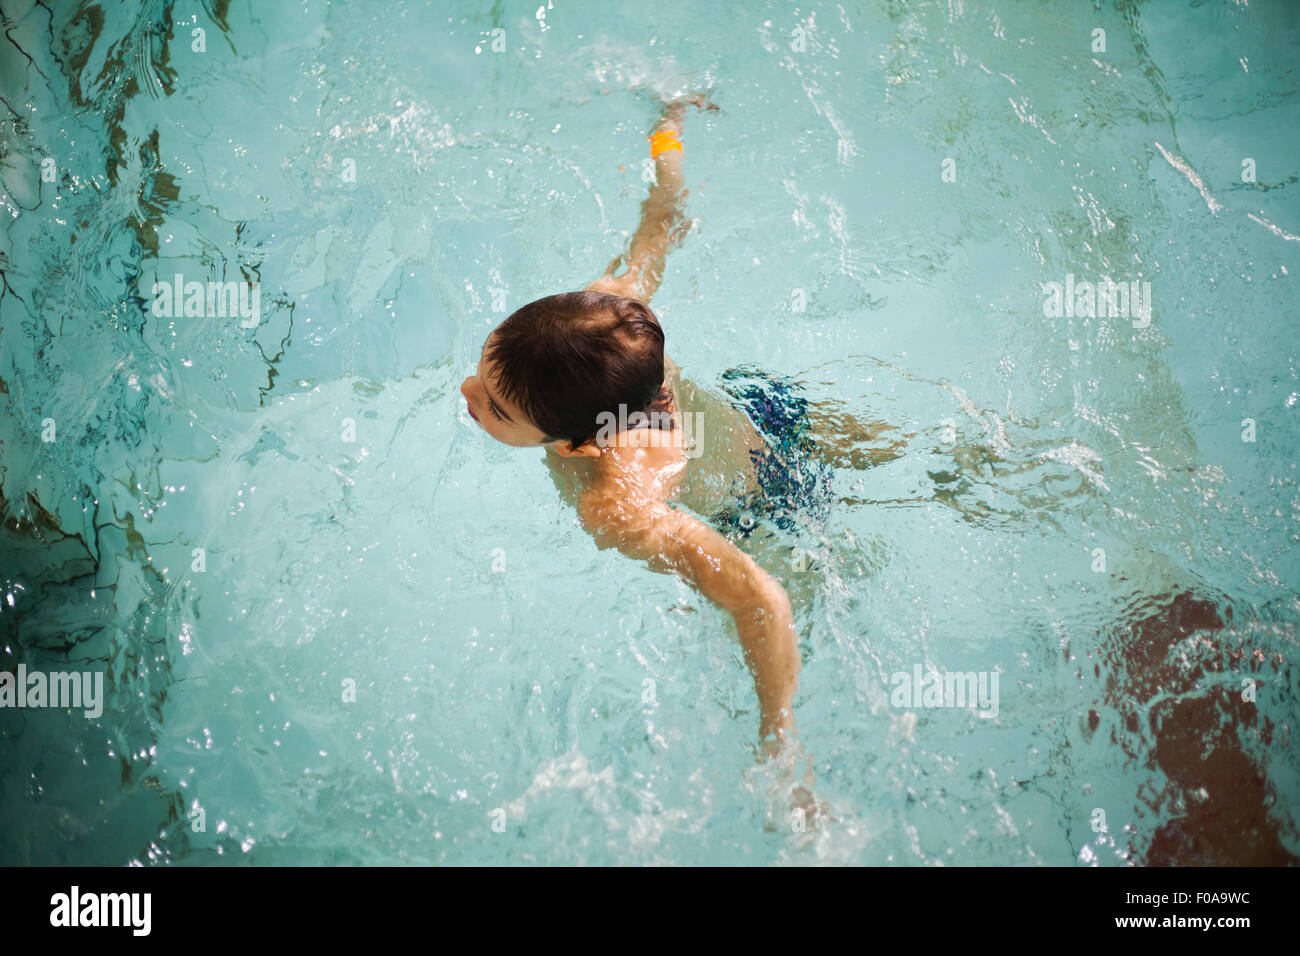 Erhöhte Ansicht des jungen Wasseraufbereitung im Schwimmbad Stockbild